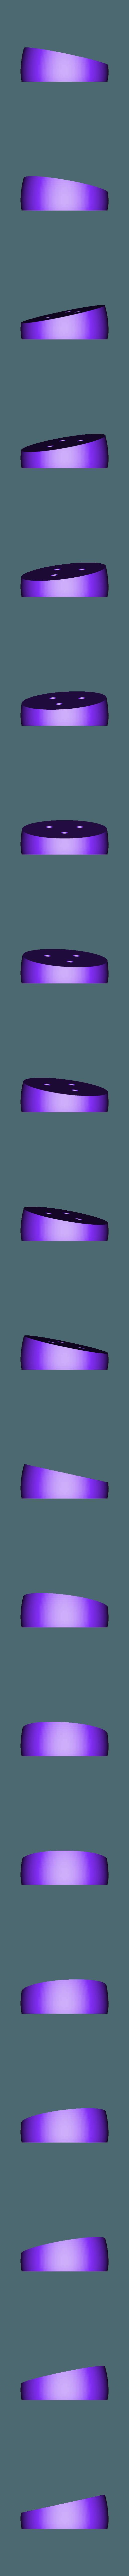 DesignEgg_2_iguigui.stl Télécharger fichier STL gratuit Oeuf design • Plan pour imprimante 3D, iguigui